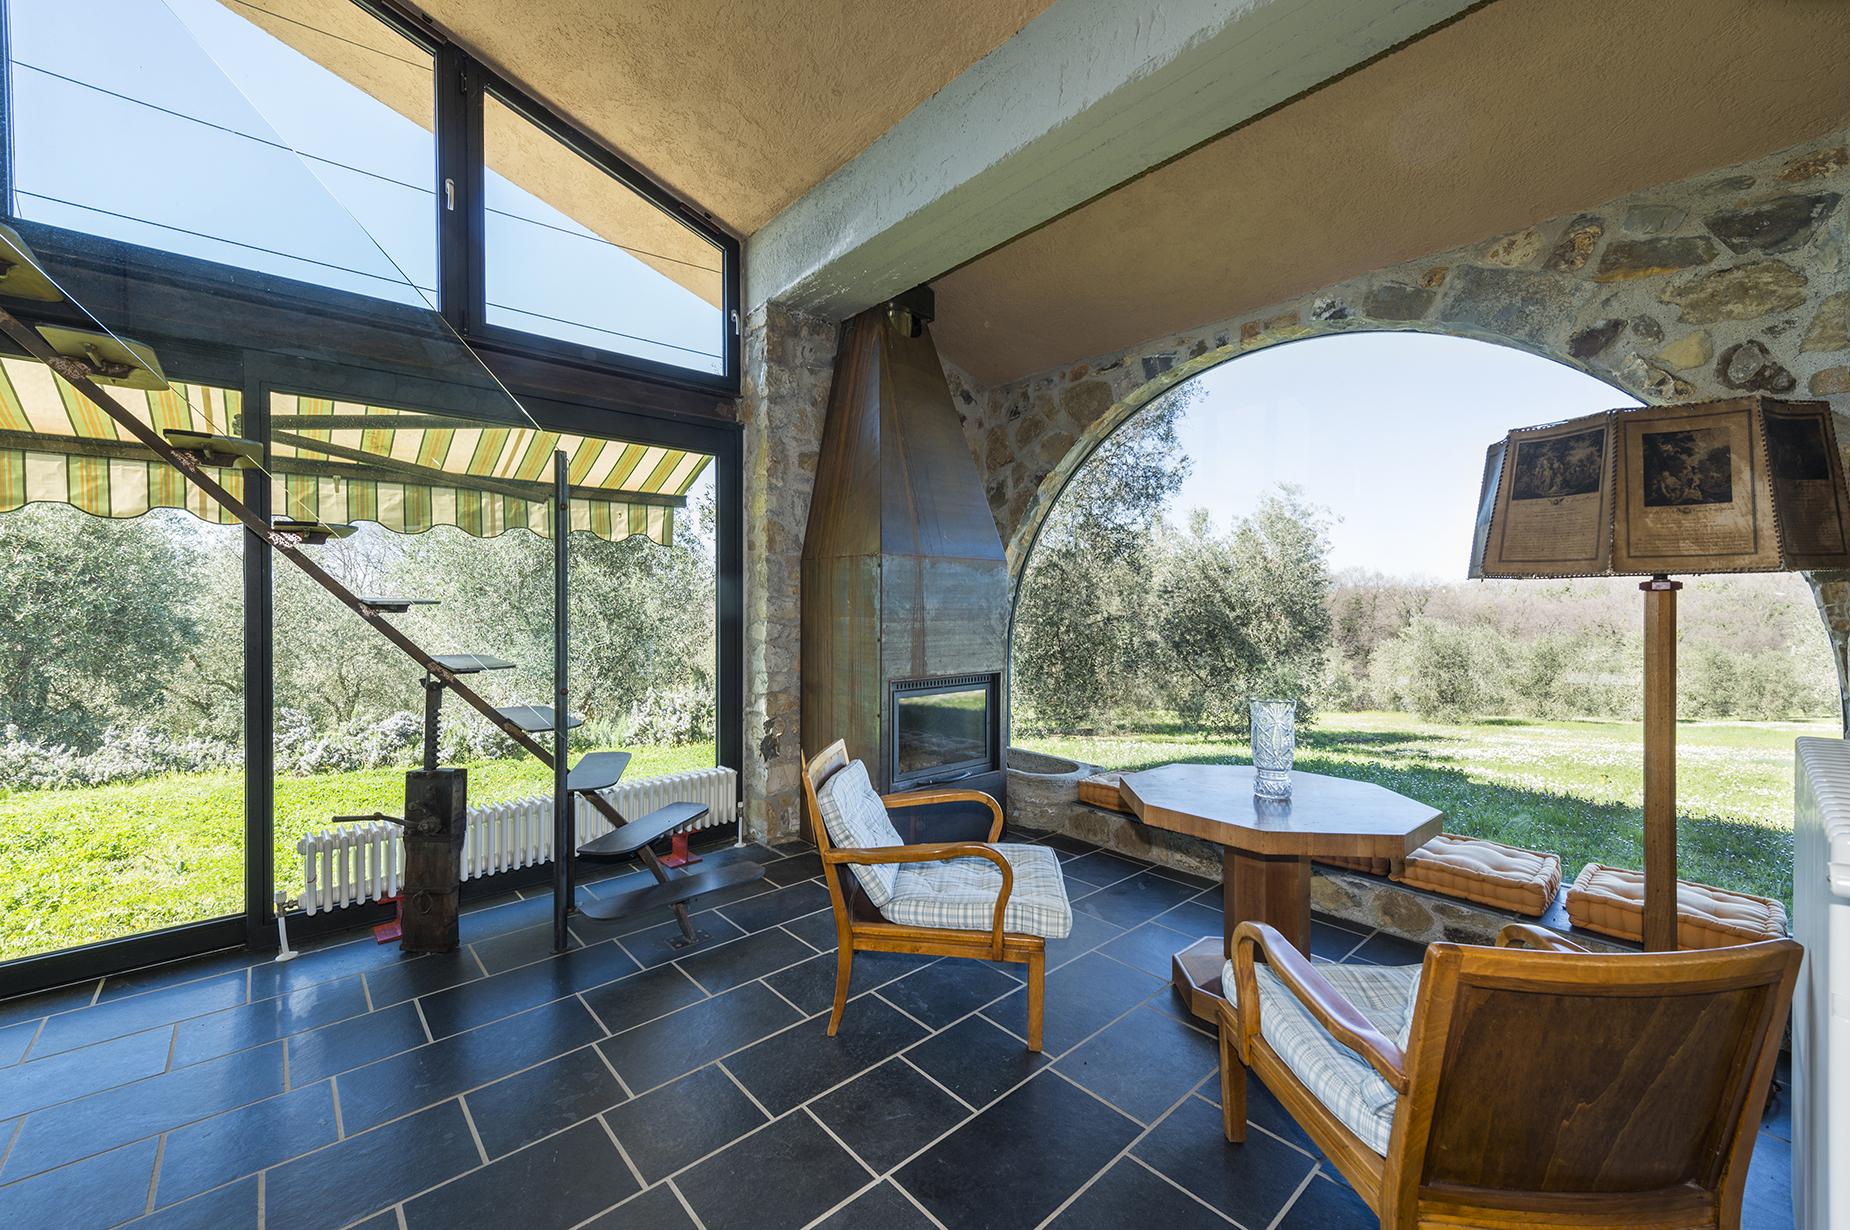 Villa in Vendita a Magliano In Toscana: 5 locali, 141 mq - Foto 2